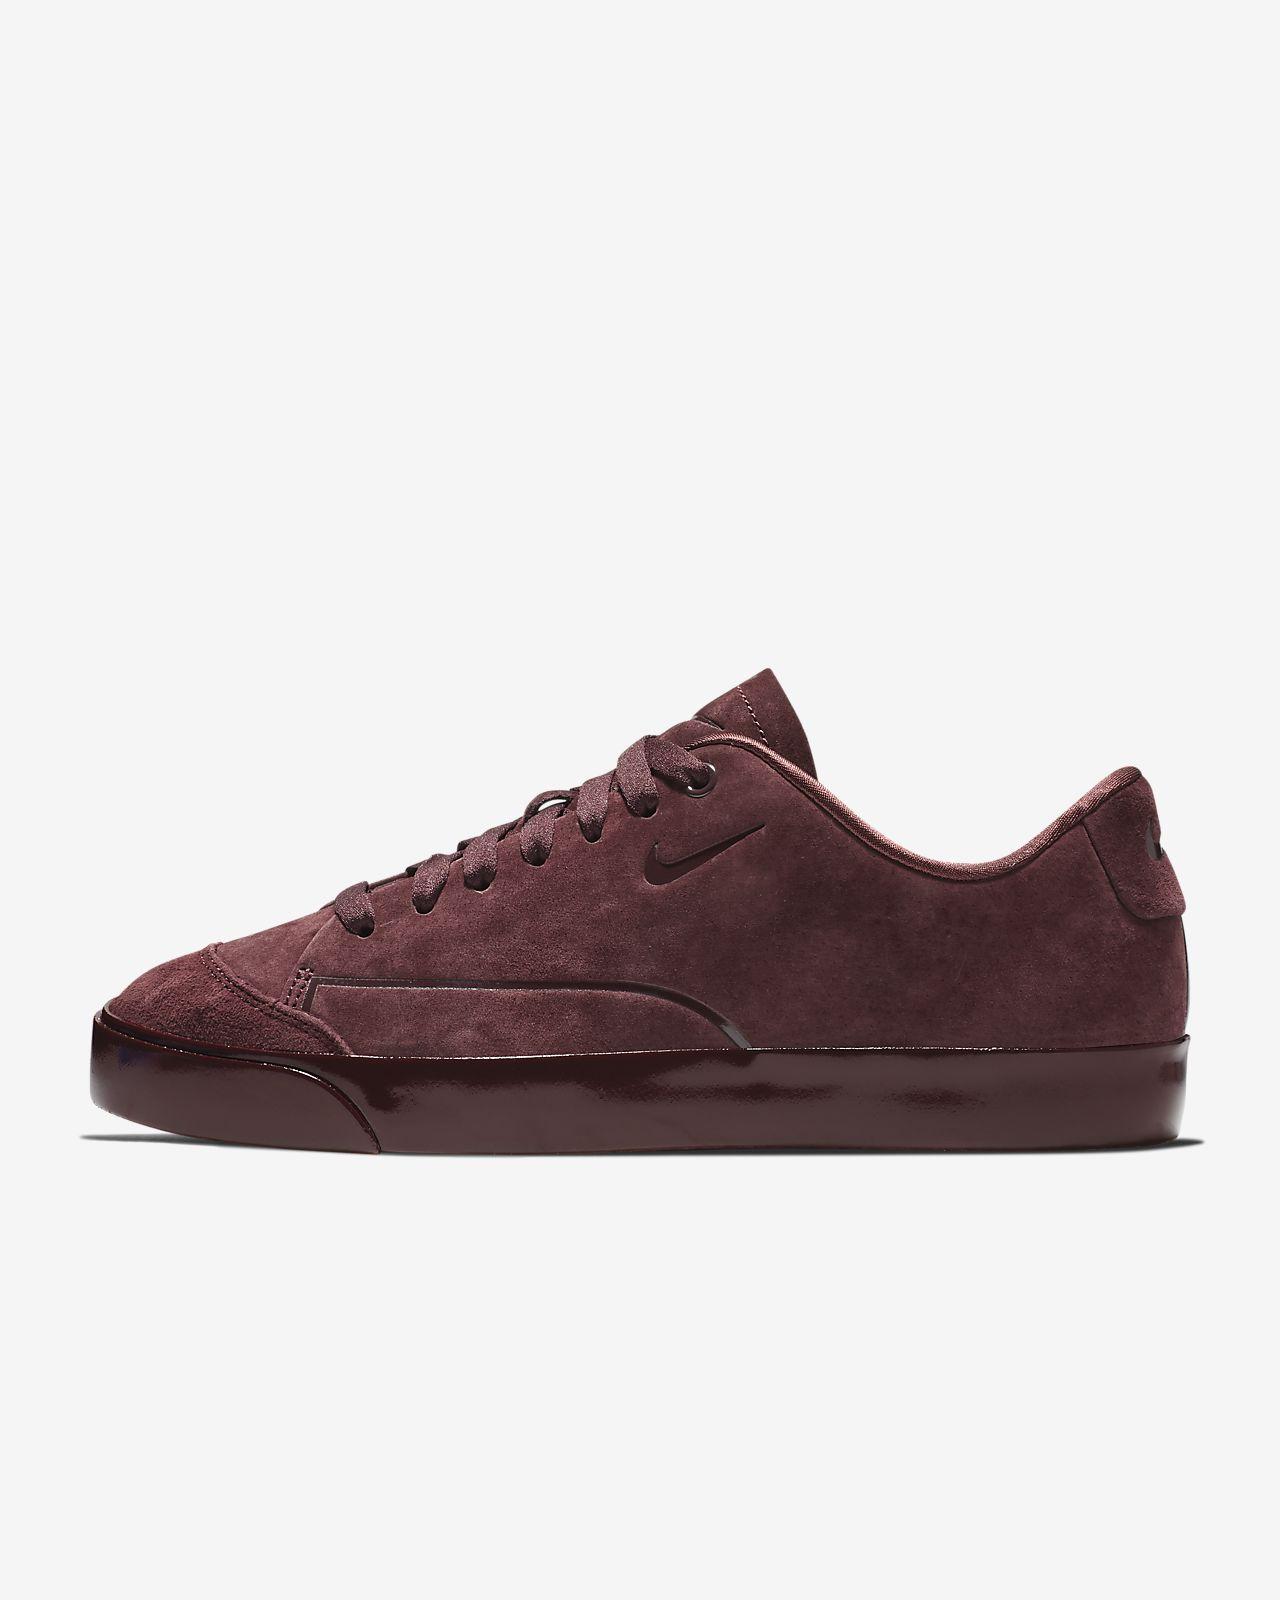 Nike Blazer City Low LX女子运动鞋